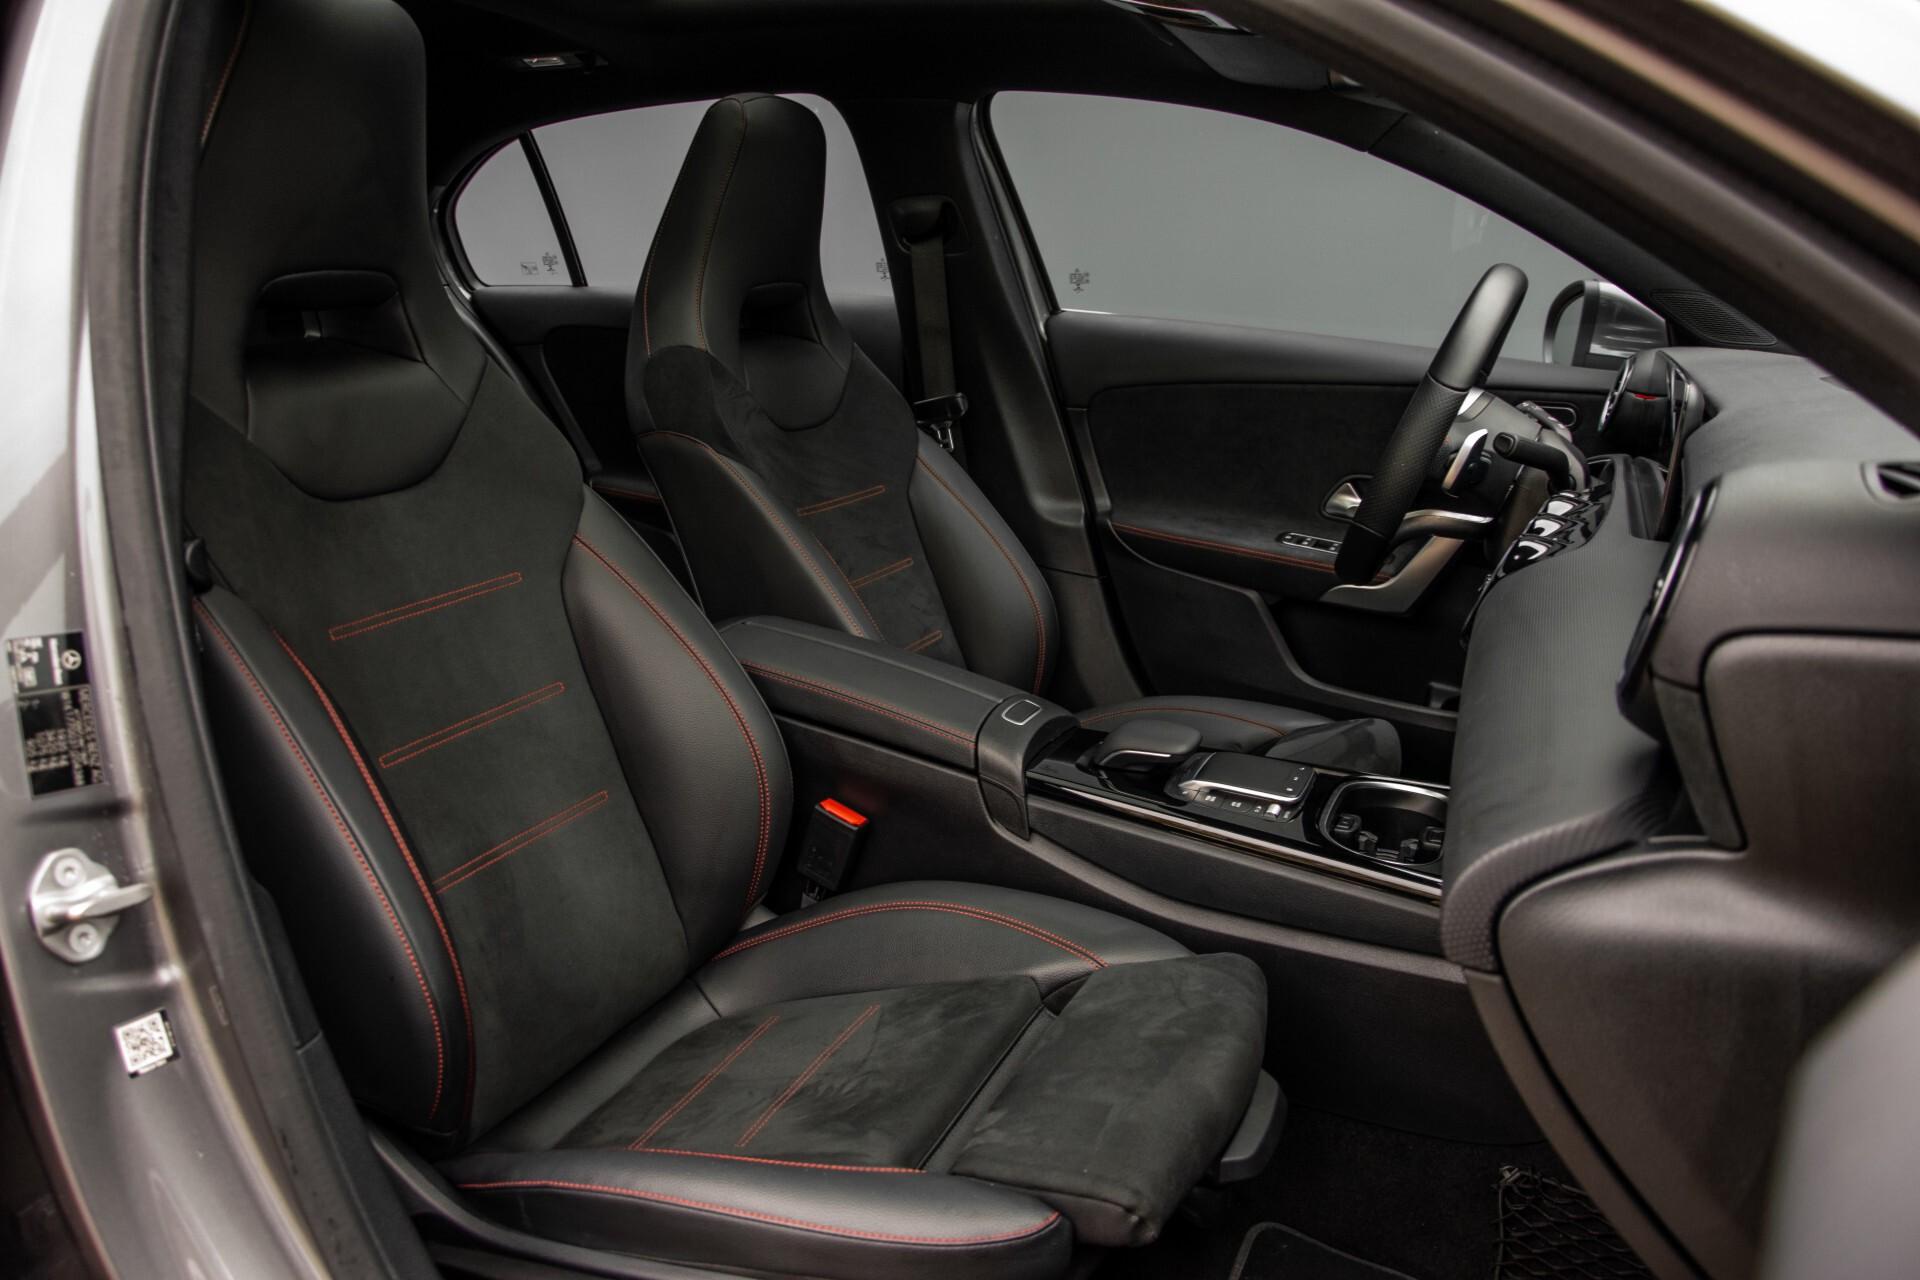 Mercedes-Benz A-Klasse 180 d AMG Panorama/MBUX/DAB/LED Aut7 Foto 3